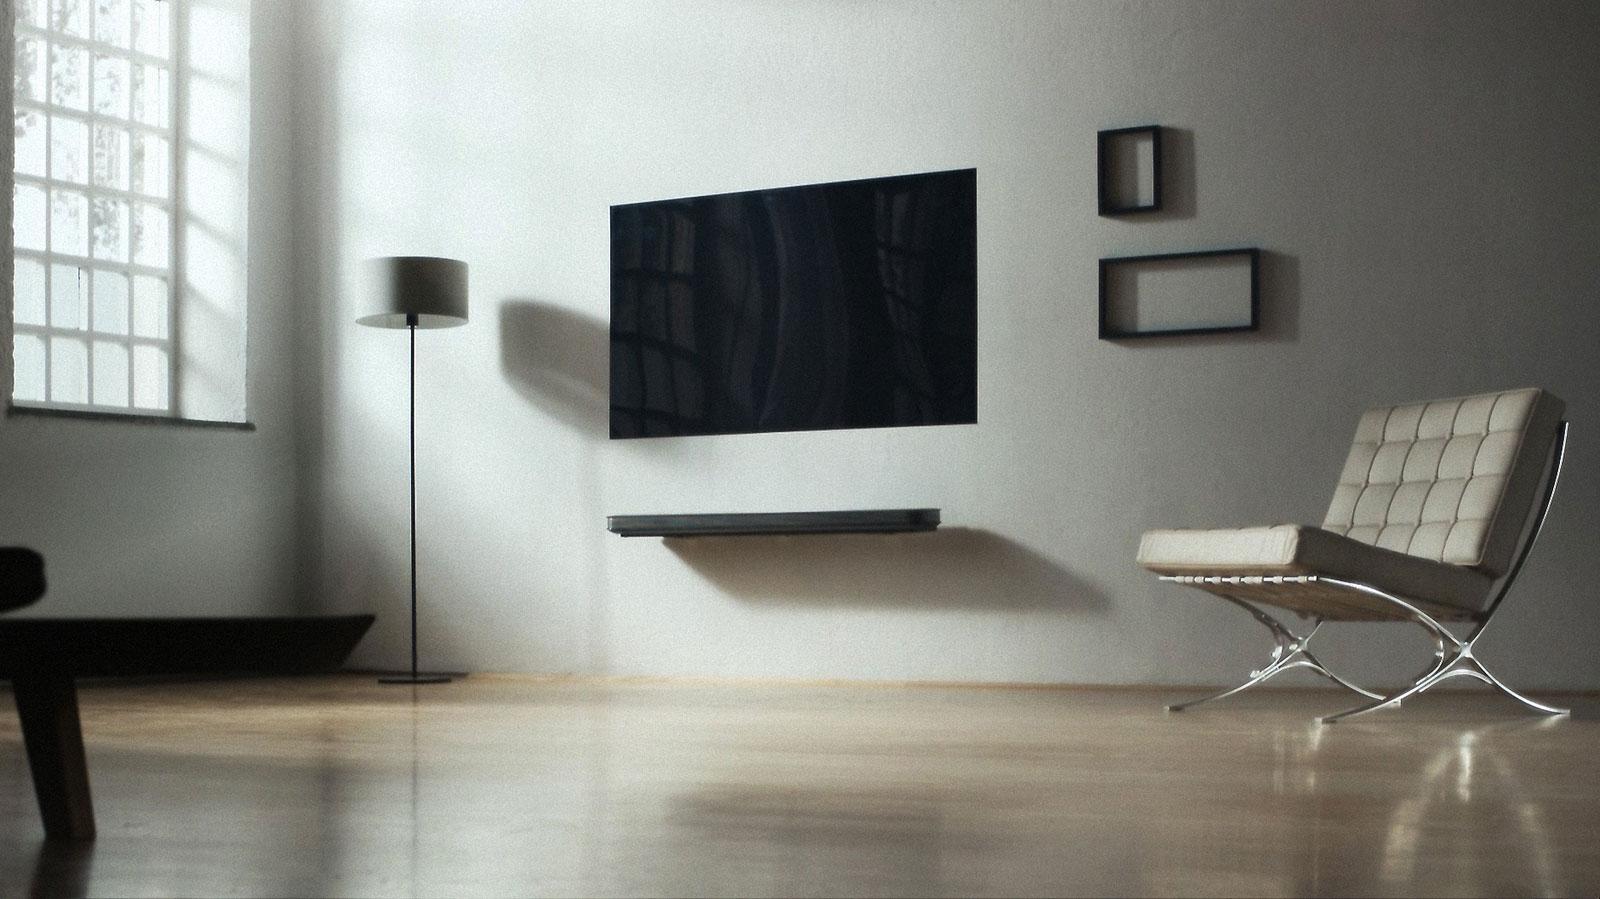 Lg Oled65w7p 65 Inch Lg Signature Oled 4k Hdr Smart Tv